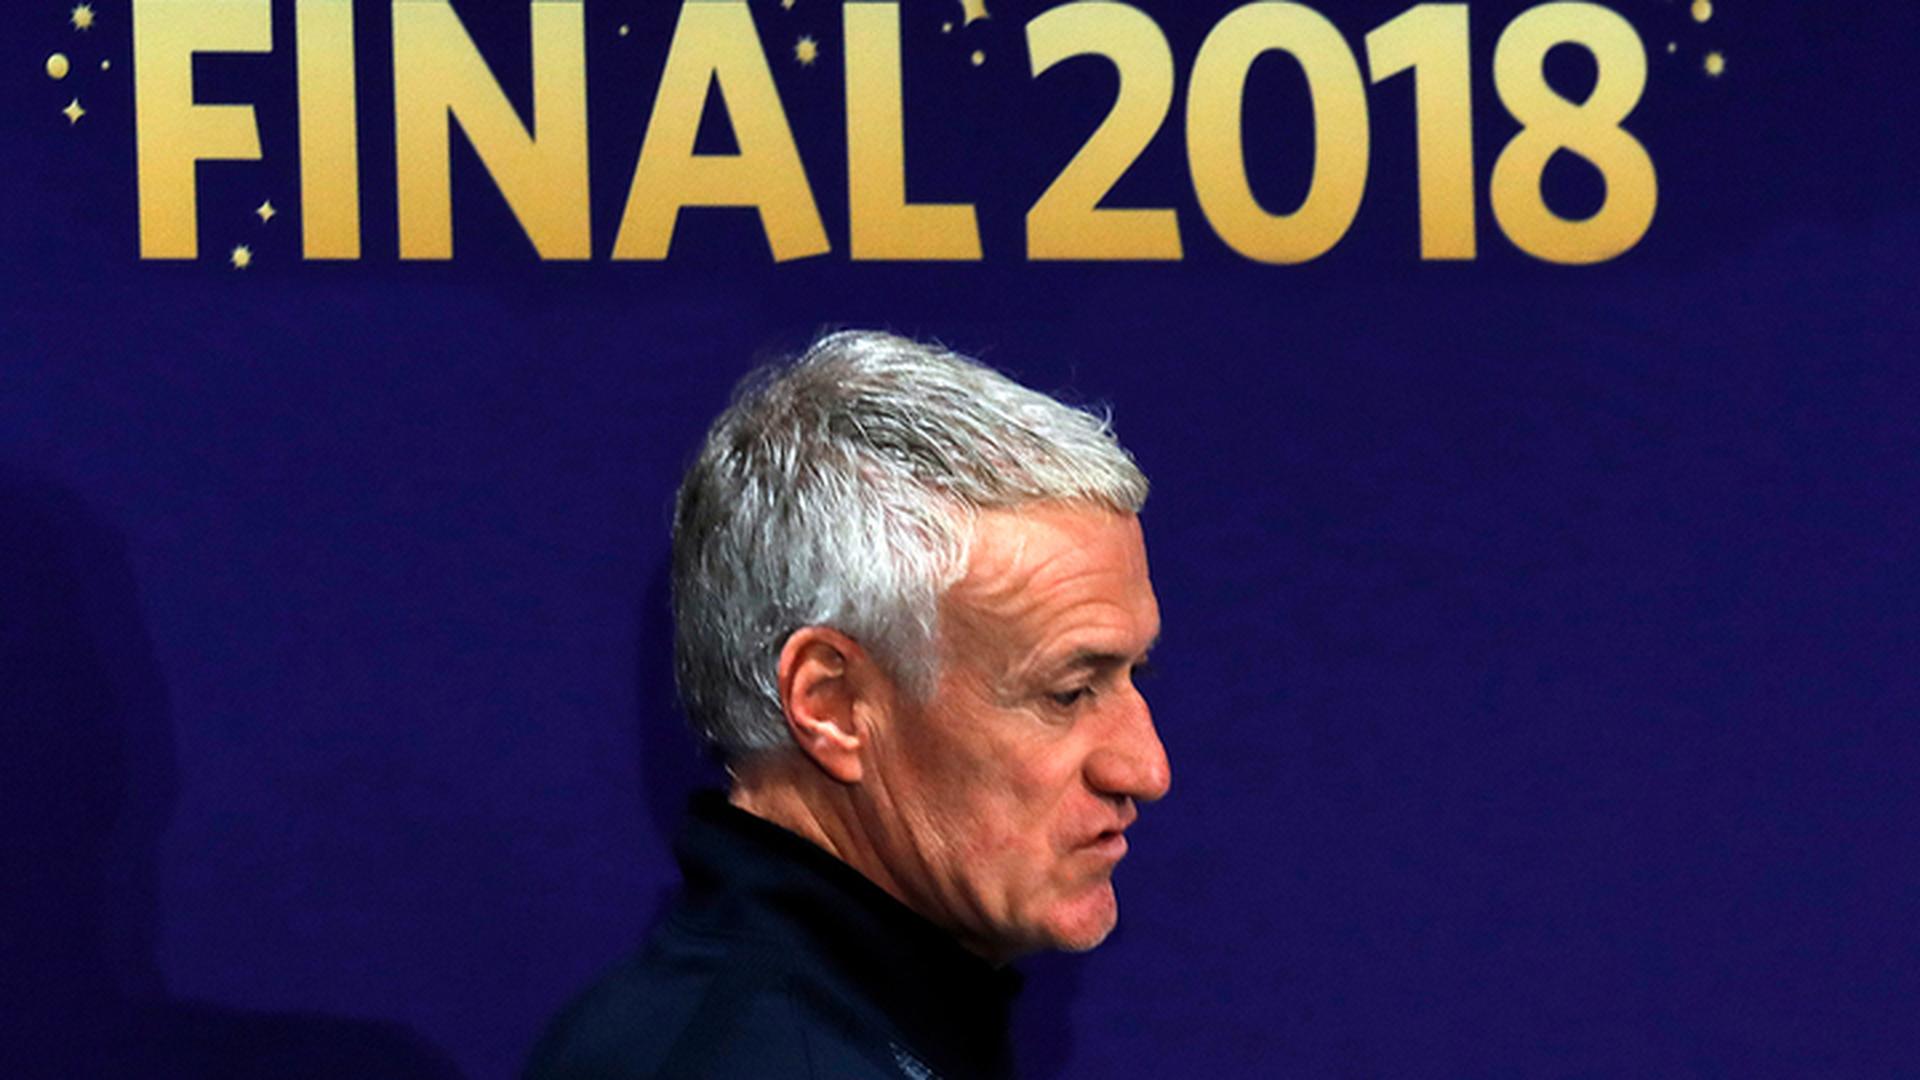 Дидье Дешам останется главным тренером сборной Франции